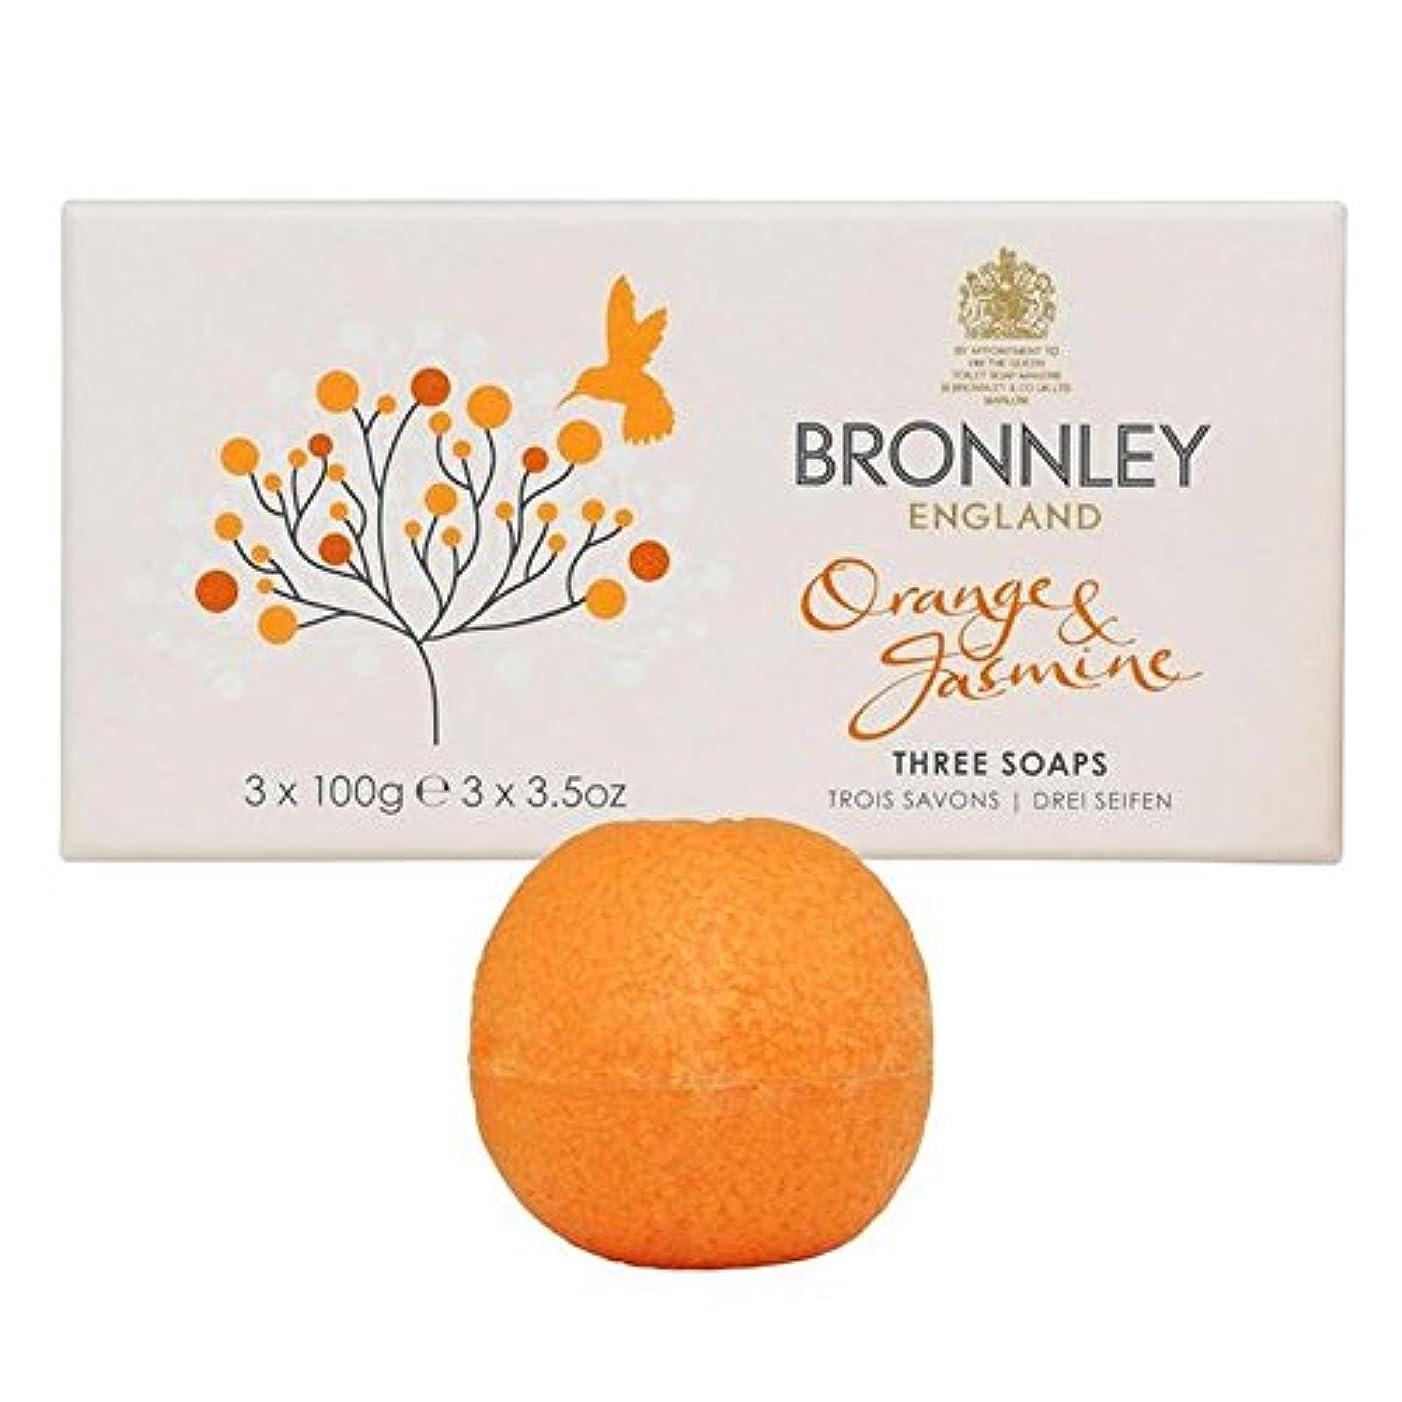 ホーム遺棄された気絶させるオレンジ&ジャスミン石鹸3×100グラム x4 - Bronnley Orange & Jasmine Soaps 3 x 100g (Pack of 4) [並行輸入品]